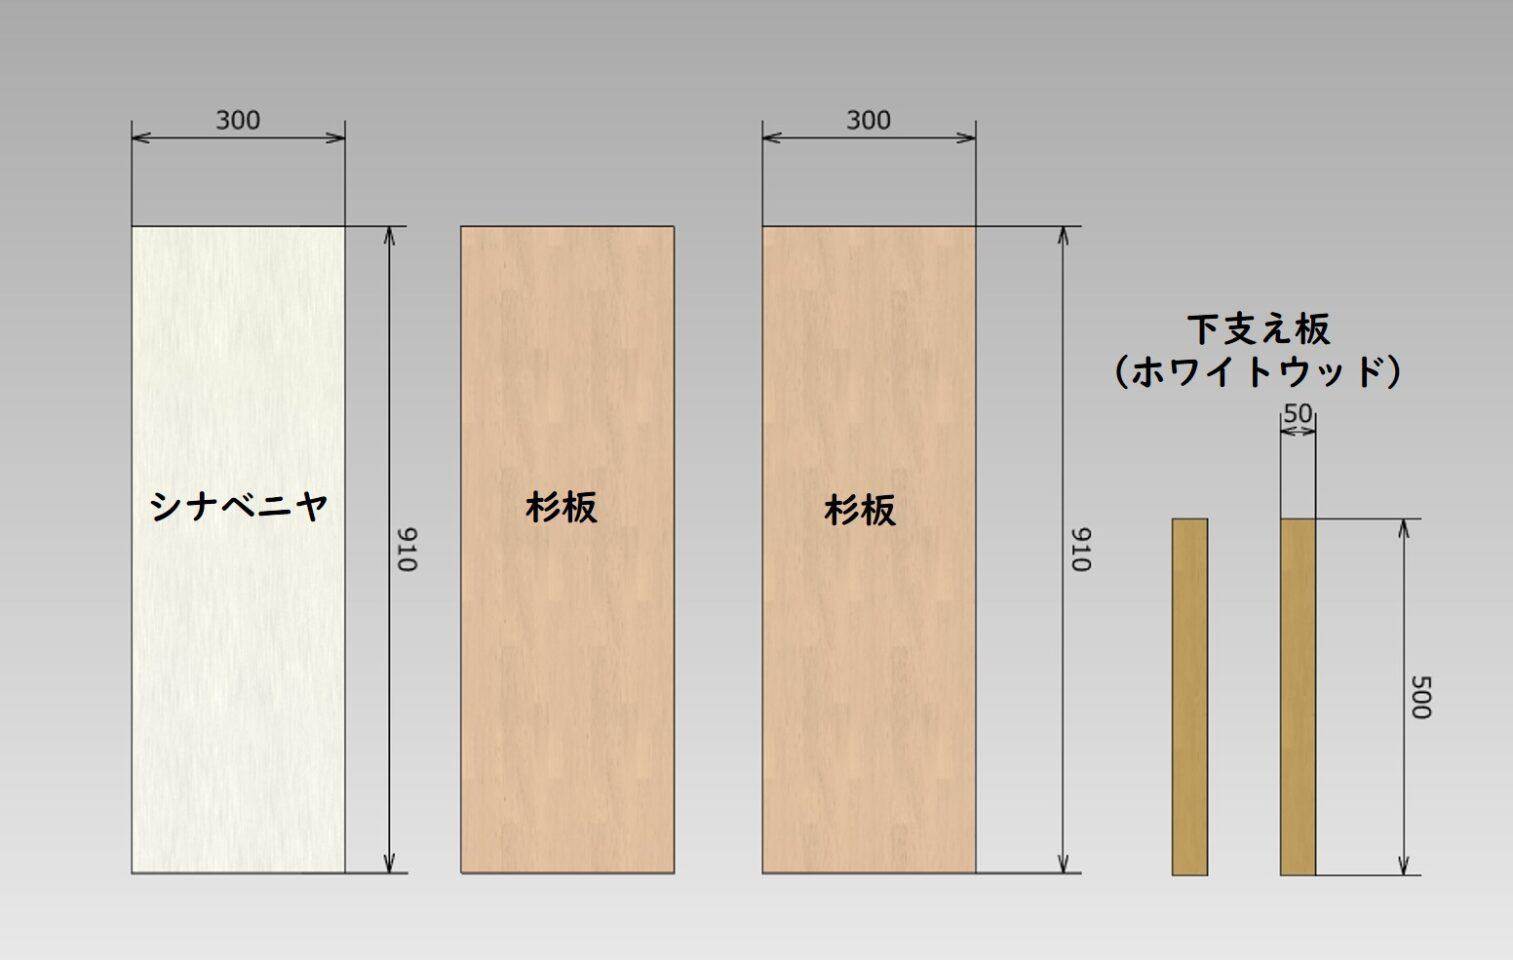 バタフライテーブルの木取り図